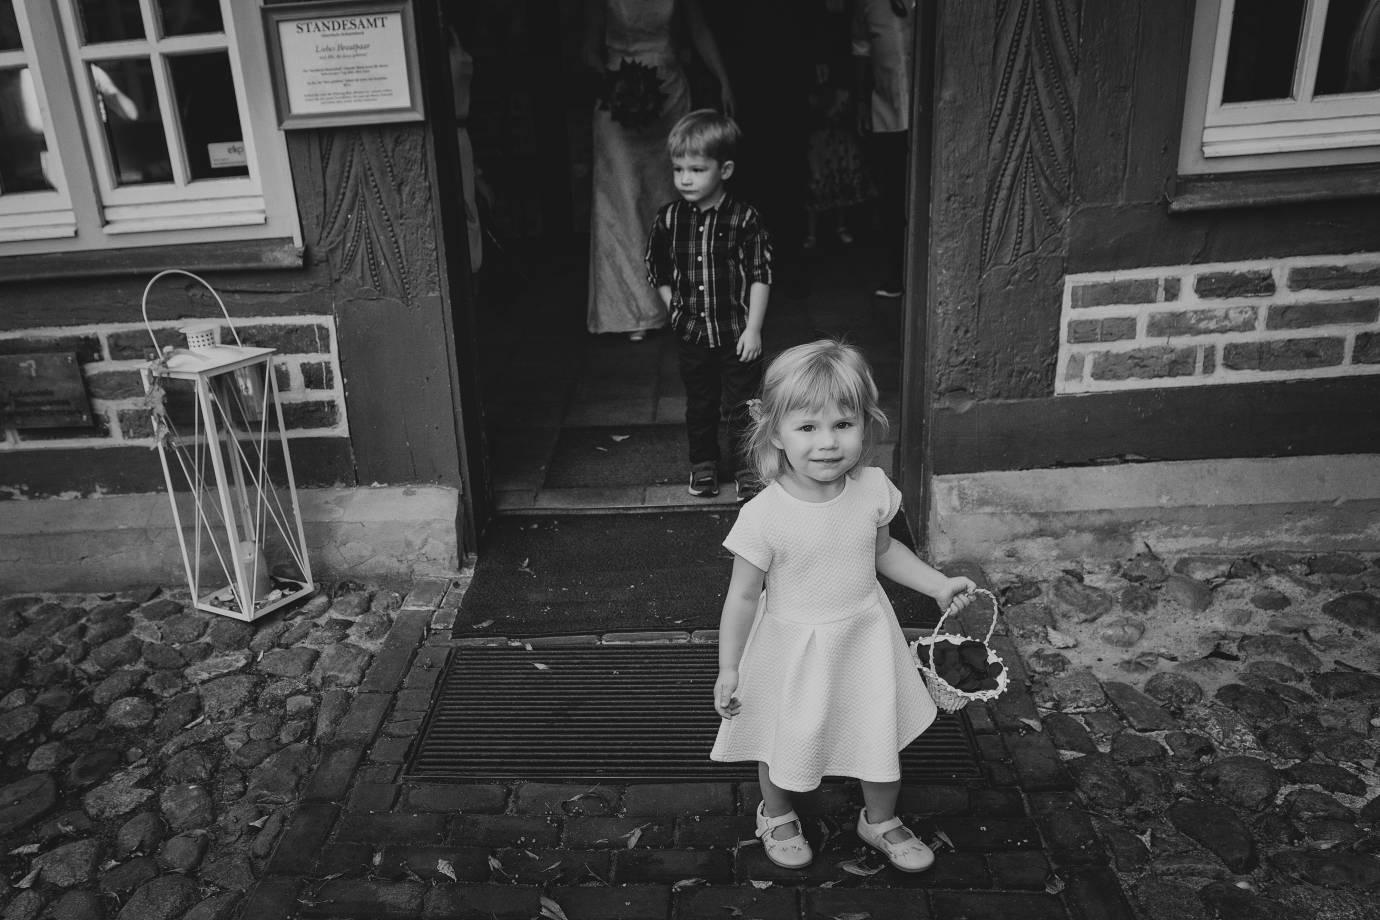 hochzeitsfotograf ohz 059 - Nina+Jens